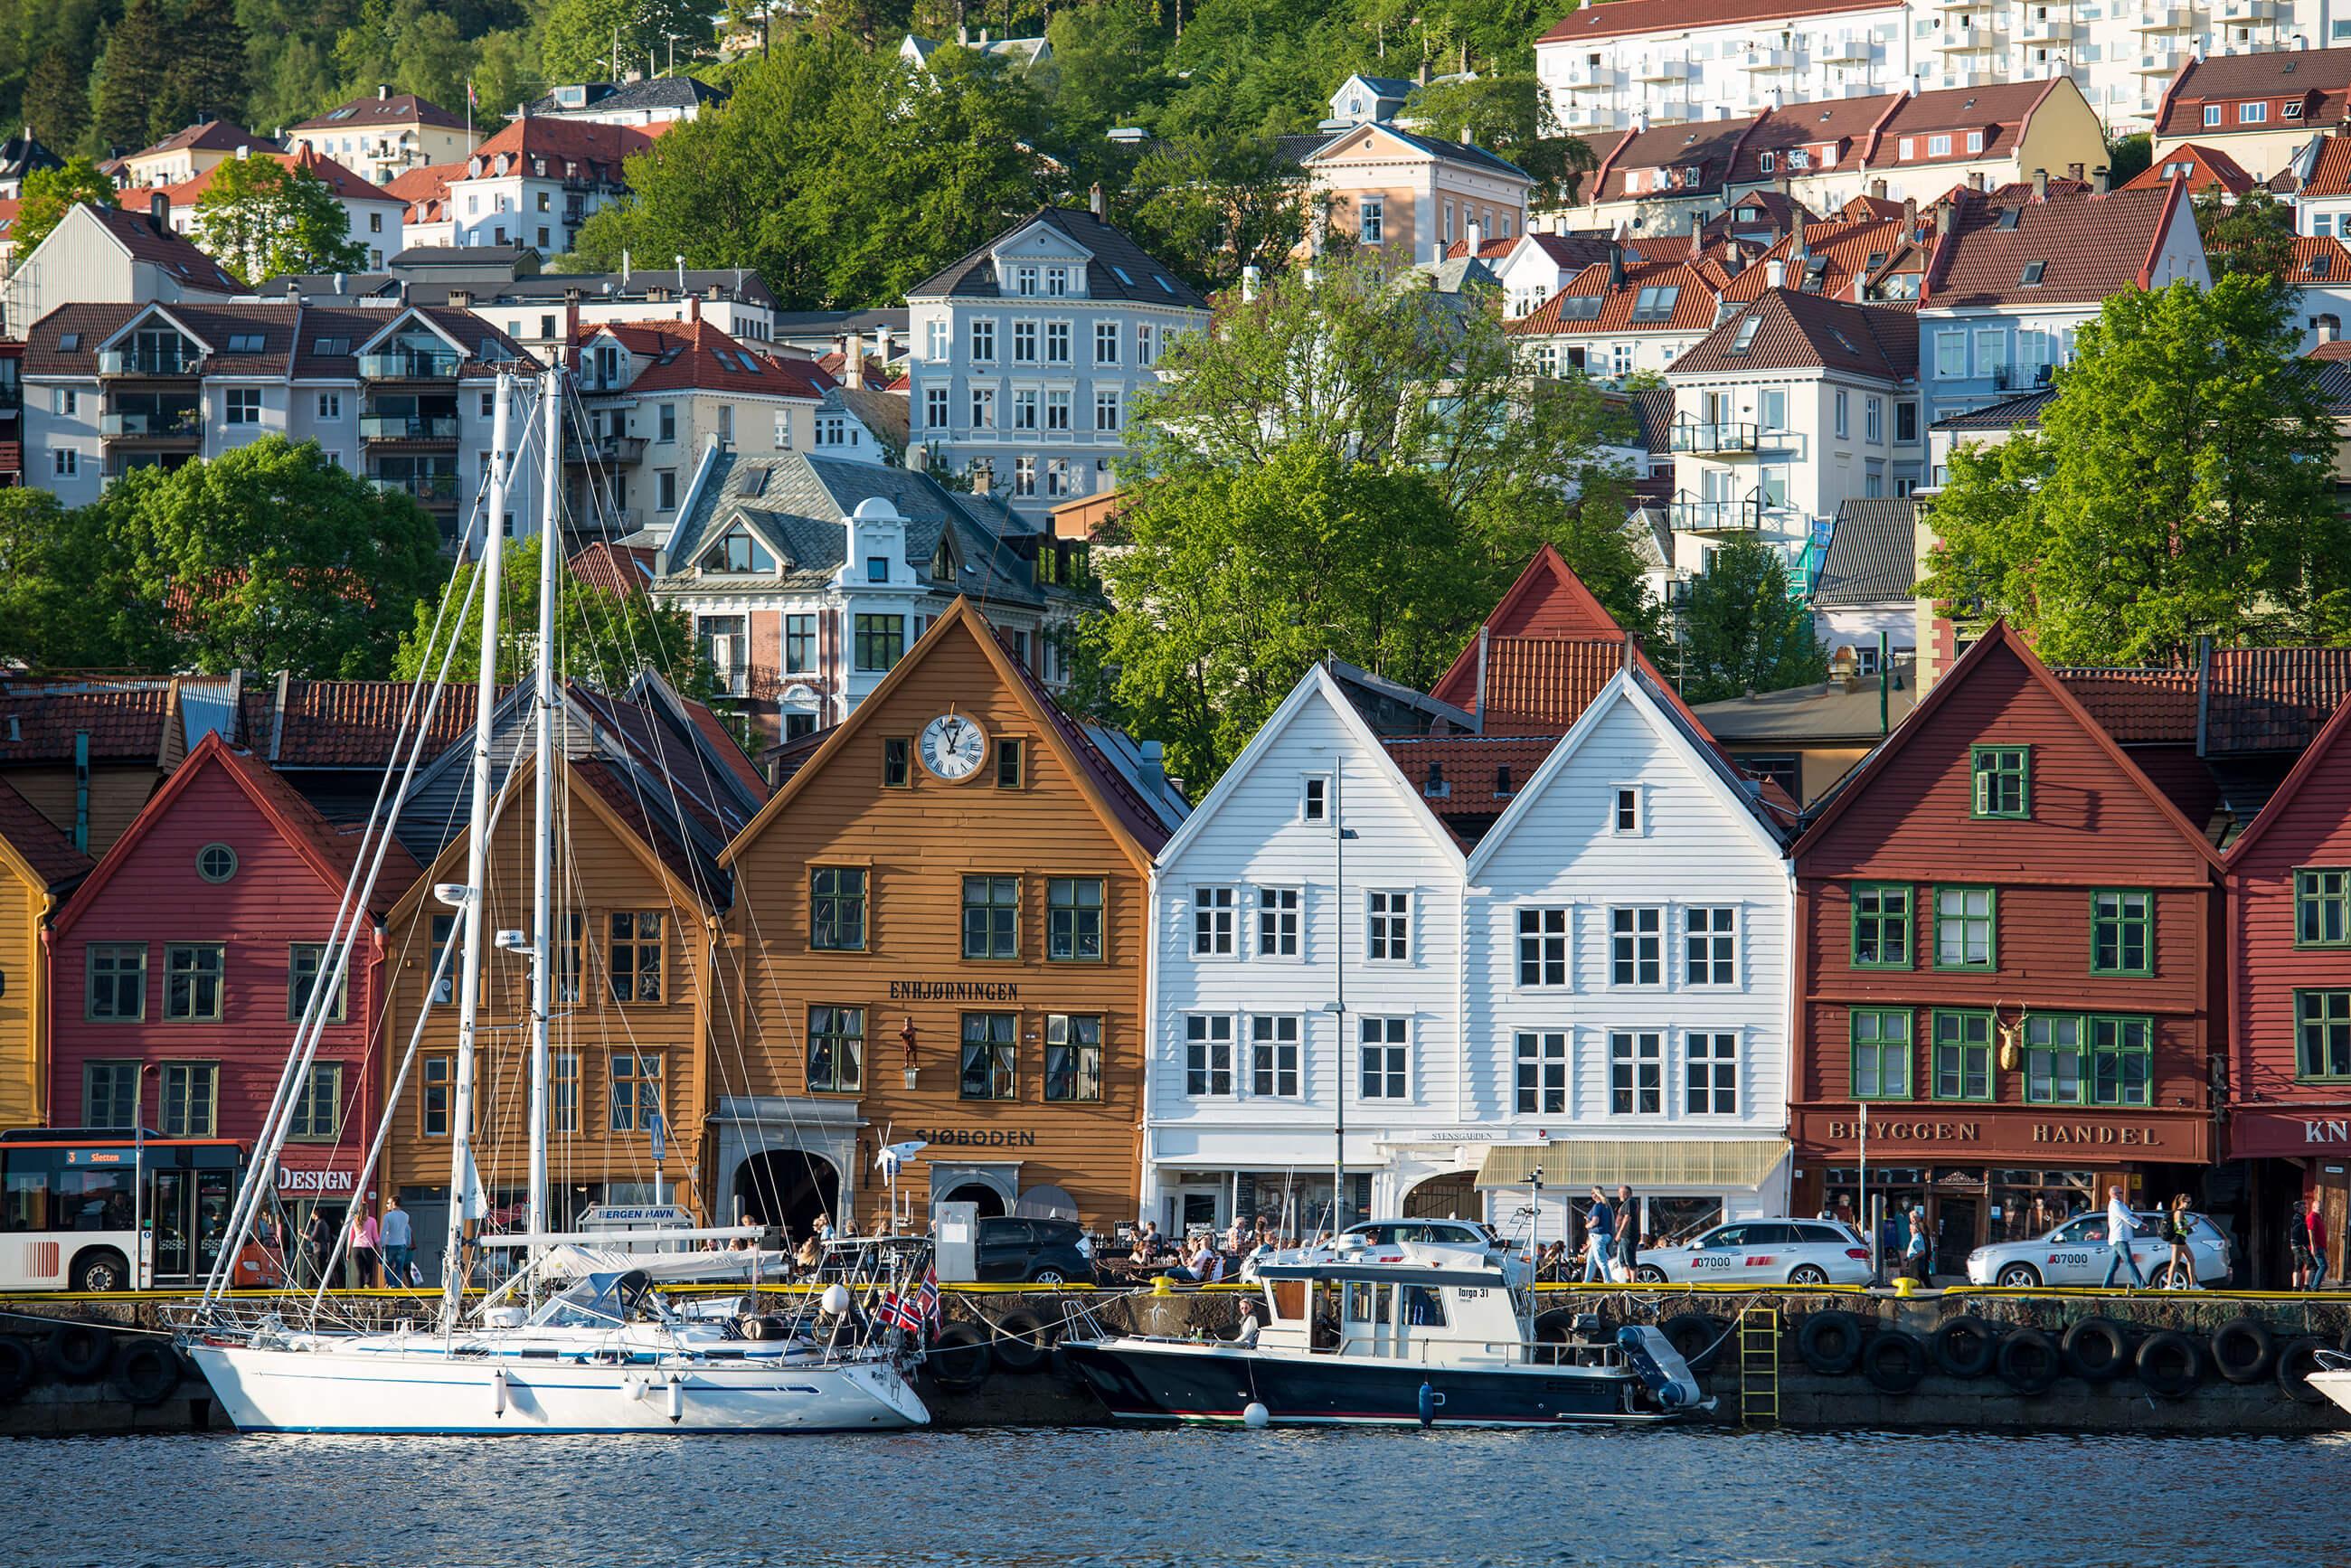 https://bubo.sk/uploads/galleries/5039/robert_taraba_norsko_bergen.jpg